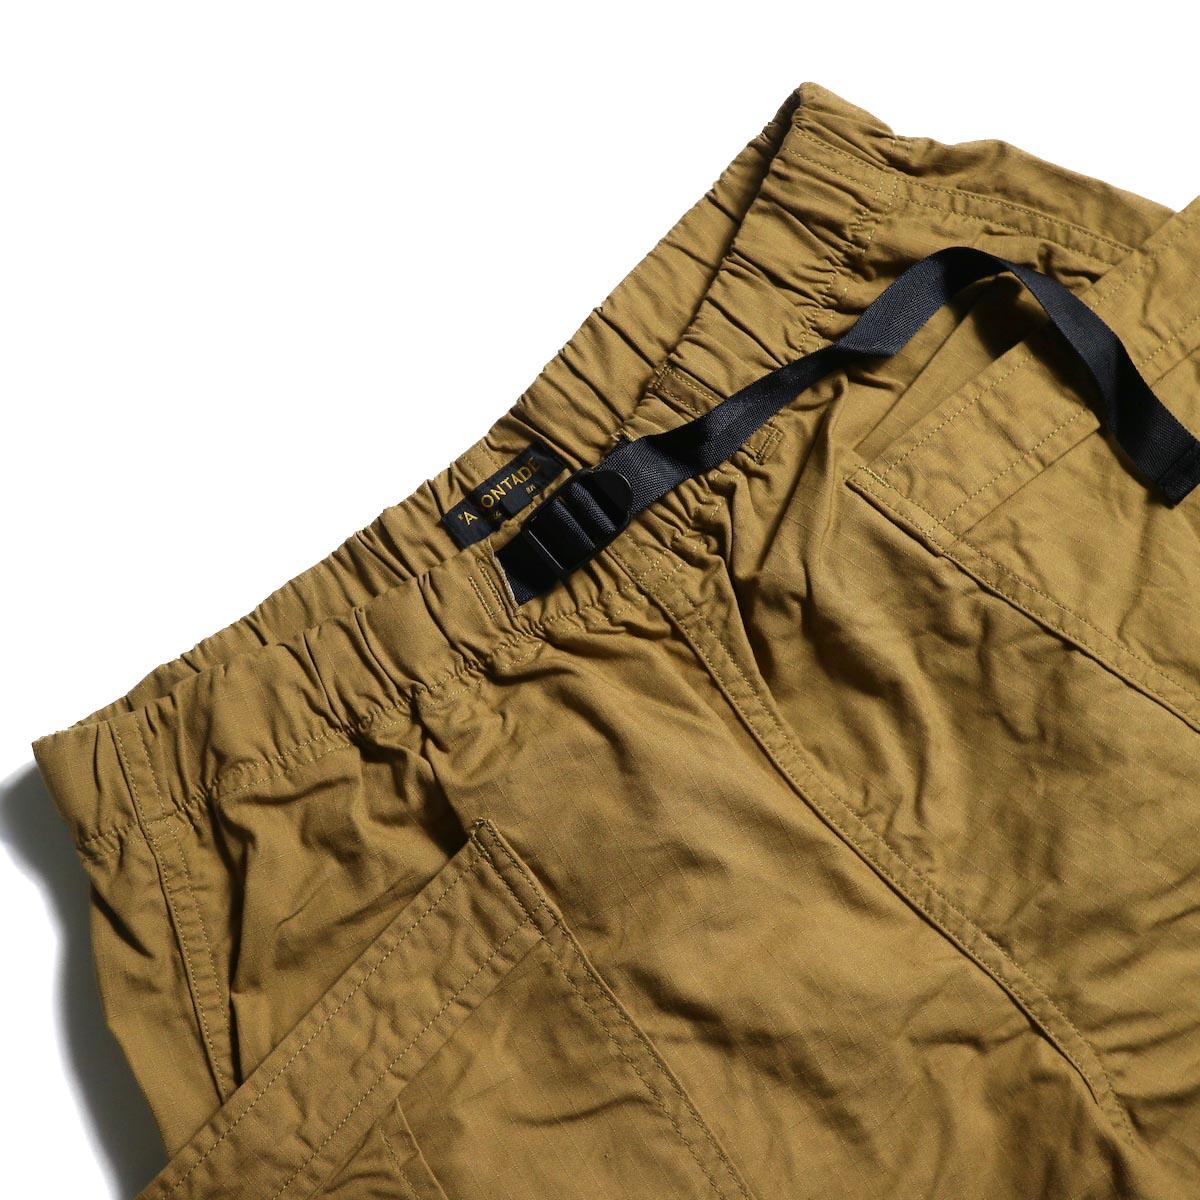 A VONTADE / Fatigue Shorts (Camel)  ウエスト